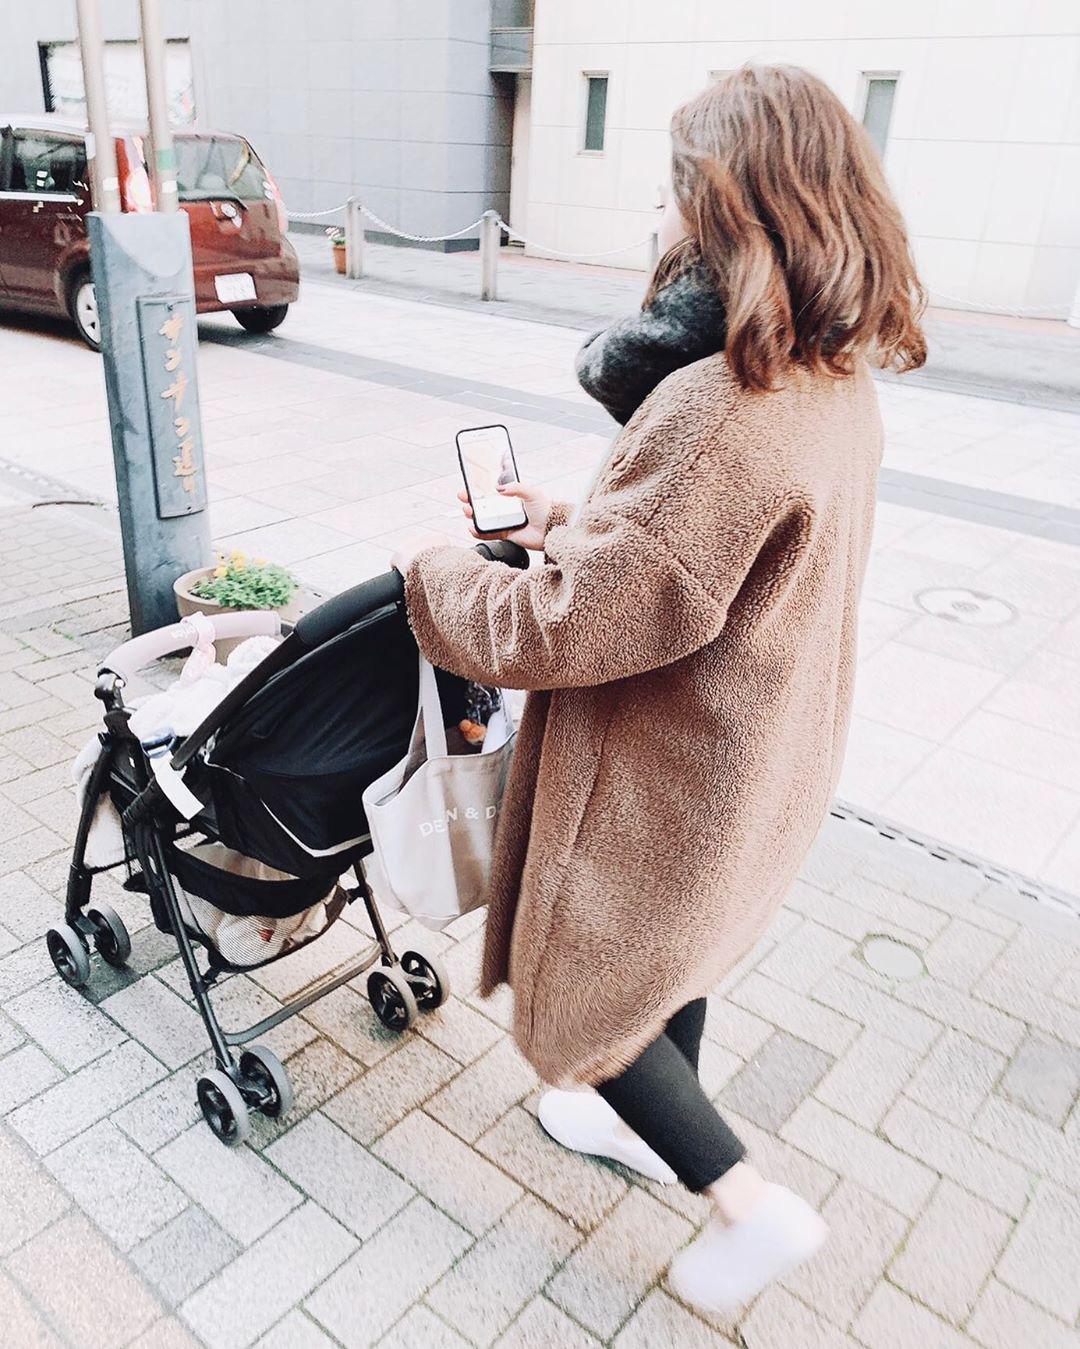 Đổi size quần áo từ 2XL xuống M chỉ trong nửa năm, mẹ bỉm sữa người Nhật hé lộ bí quyết giảm 26kg sau sinh đầy ngoạn mục - Ảnh 2.